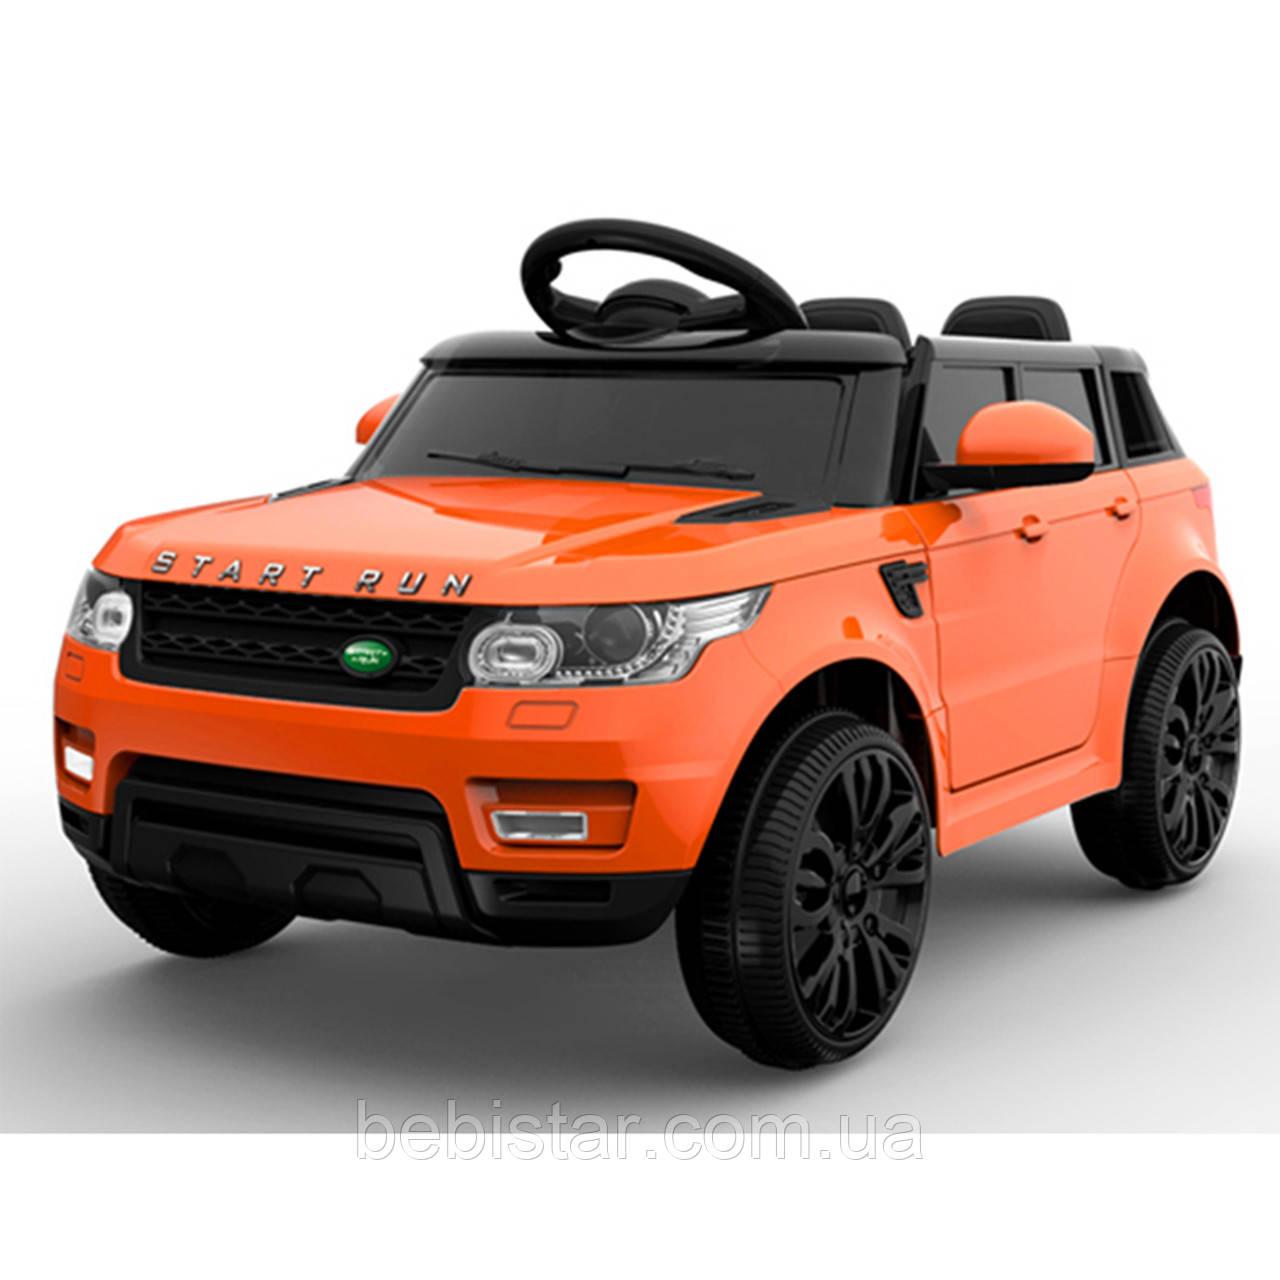 Детский электромобиль FL1638 (T-7815) ORANGE деткам 3-8 лет  с пультом мотор 2*25W